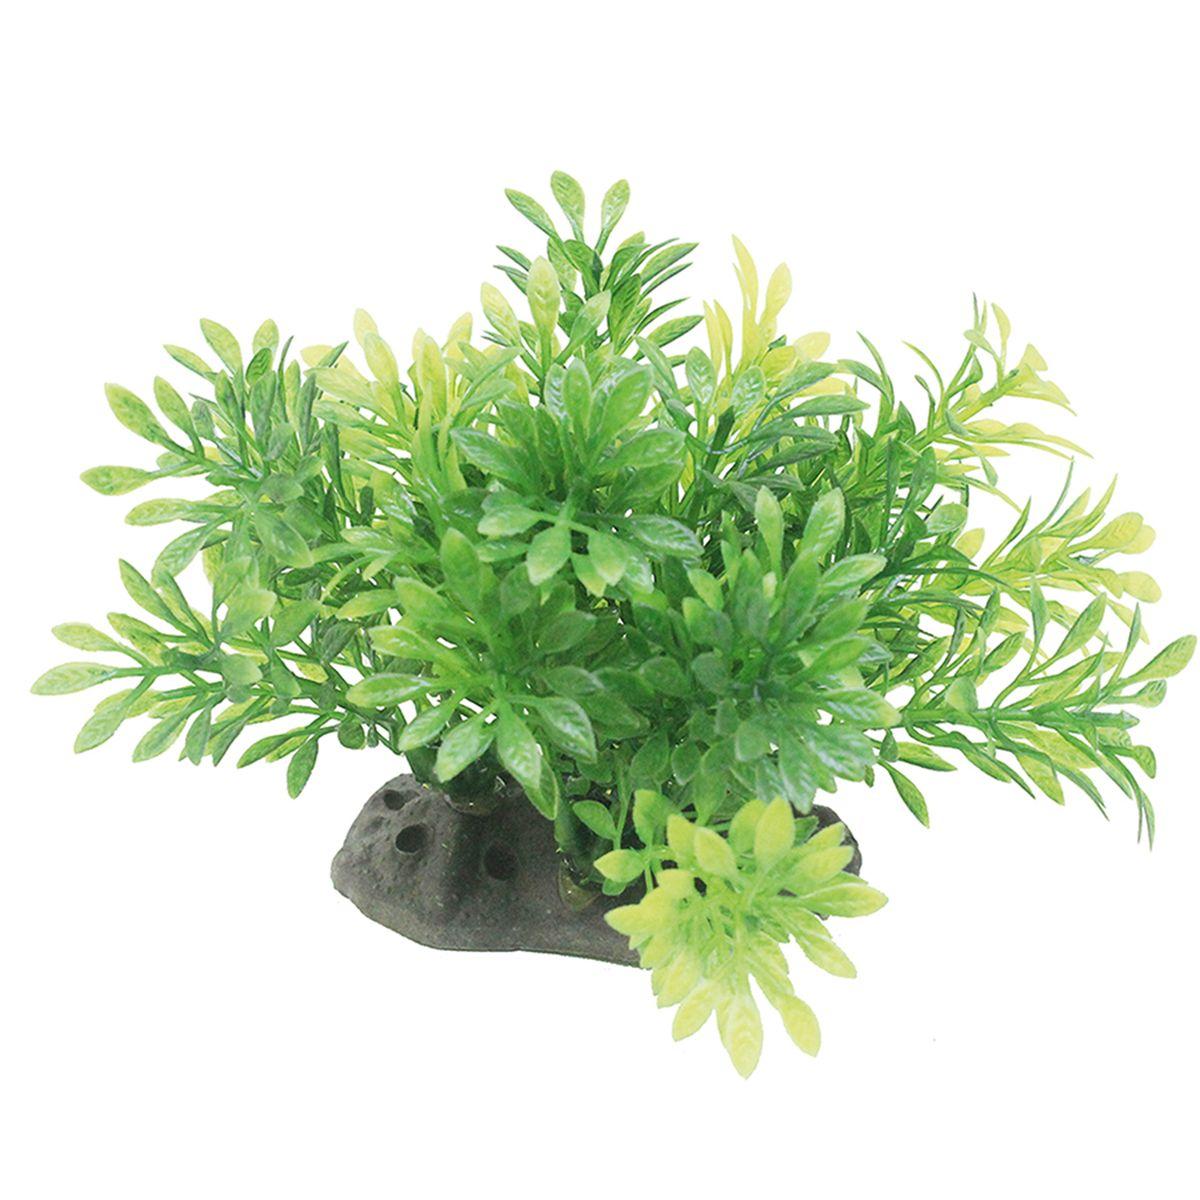 Растение для аквариума ArtUniq Микрантемум, высота 10-12 см0120710Композиция из искусственных растений ArtUniq превосходно украсит и оживит аквариум.Растения - это важная часть любой композиции, они помогут вдохнуть жизнь в ландшафт любого аквариума или террариума. А их сходствос природными порадует даже самых взыскательных ценителей.